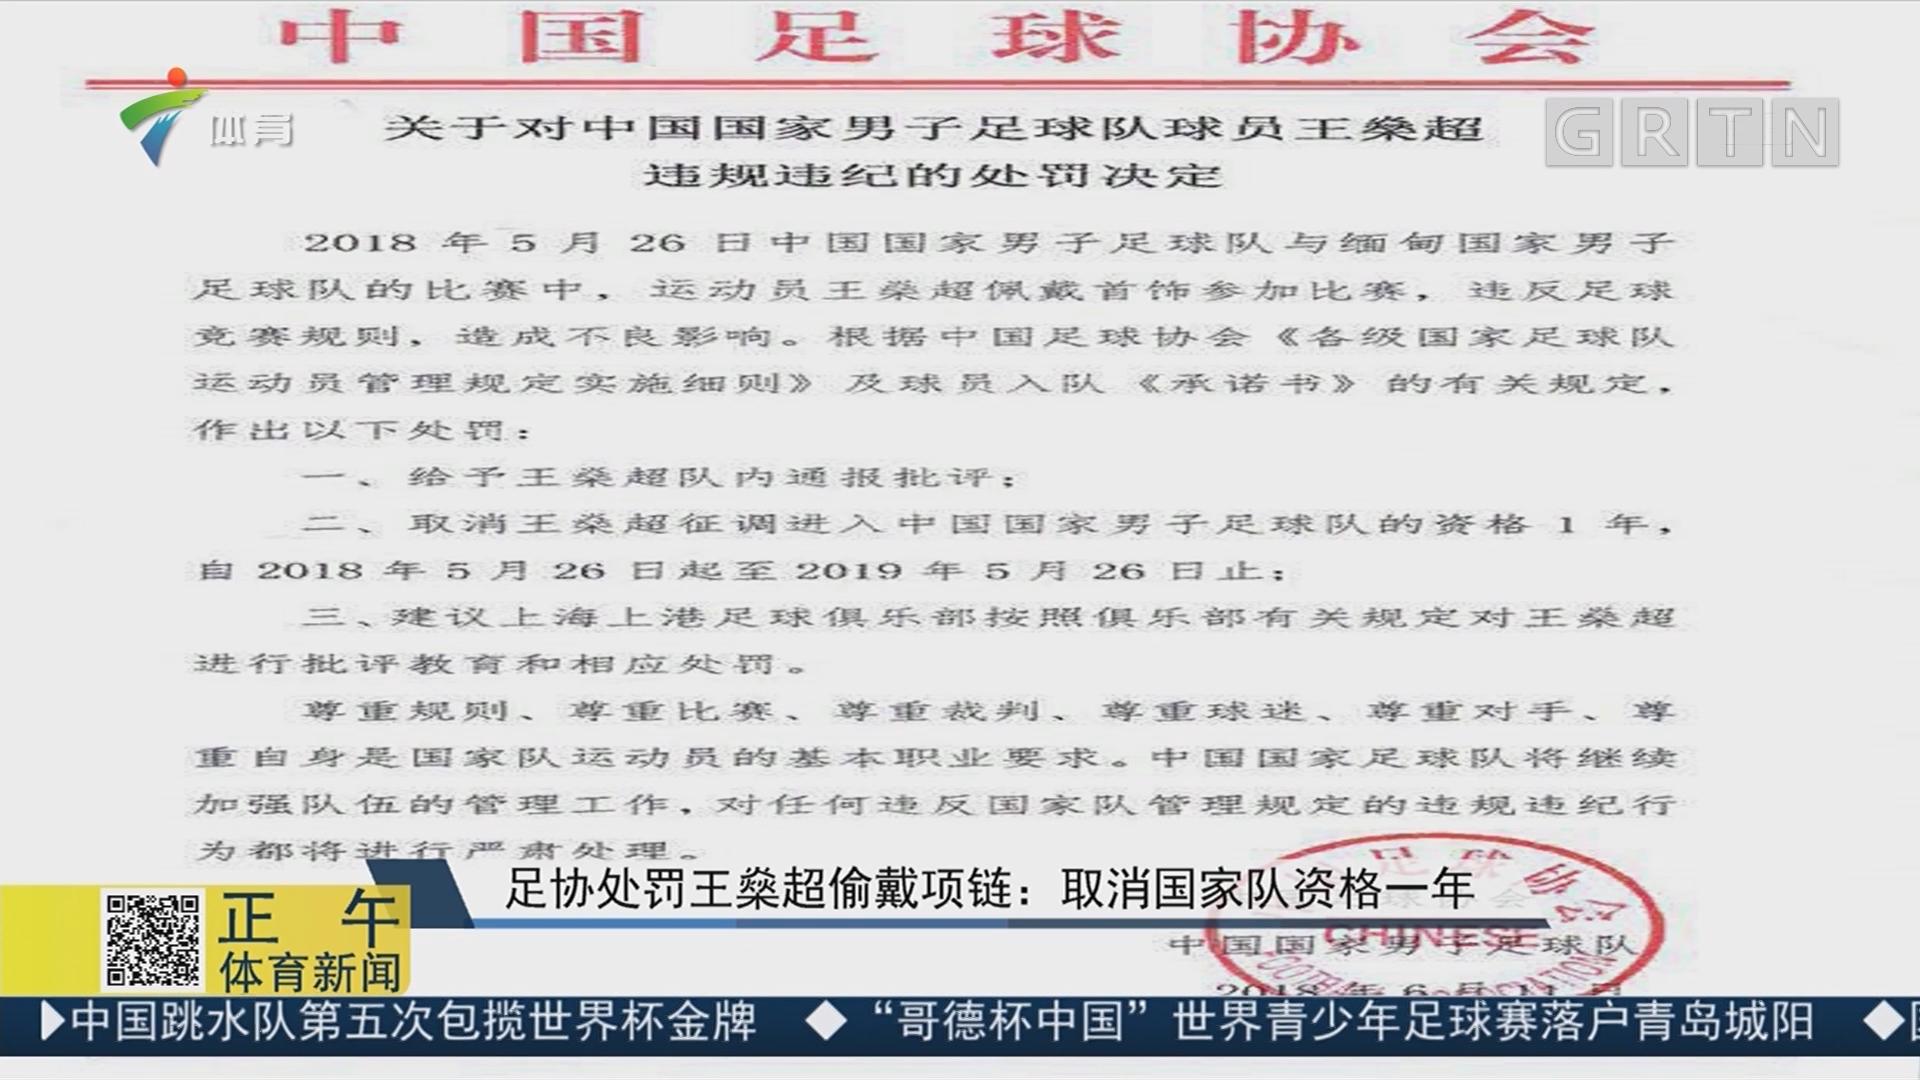 足协处罚王燊超偷戴项链:取消国家队资格一年